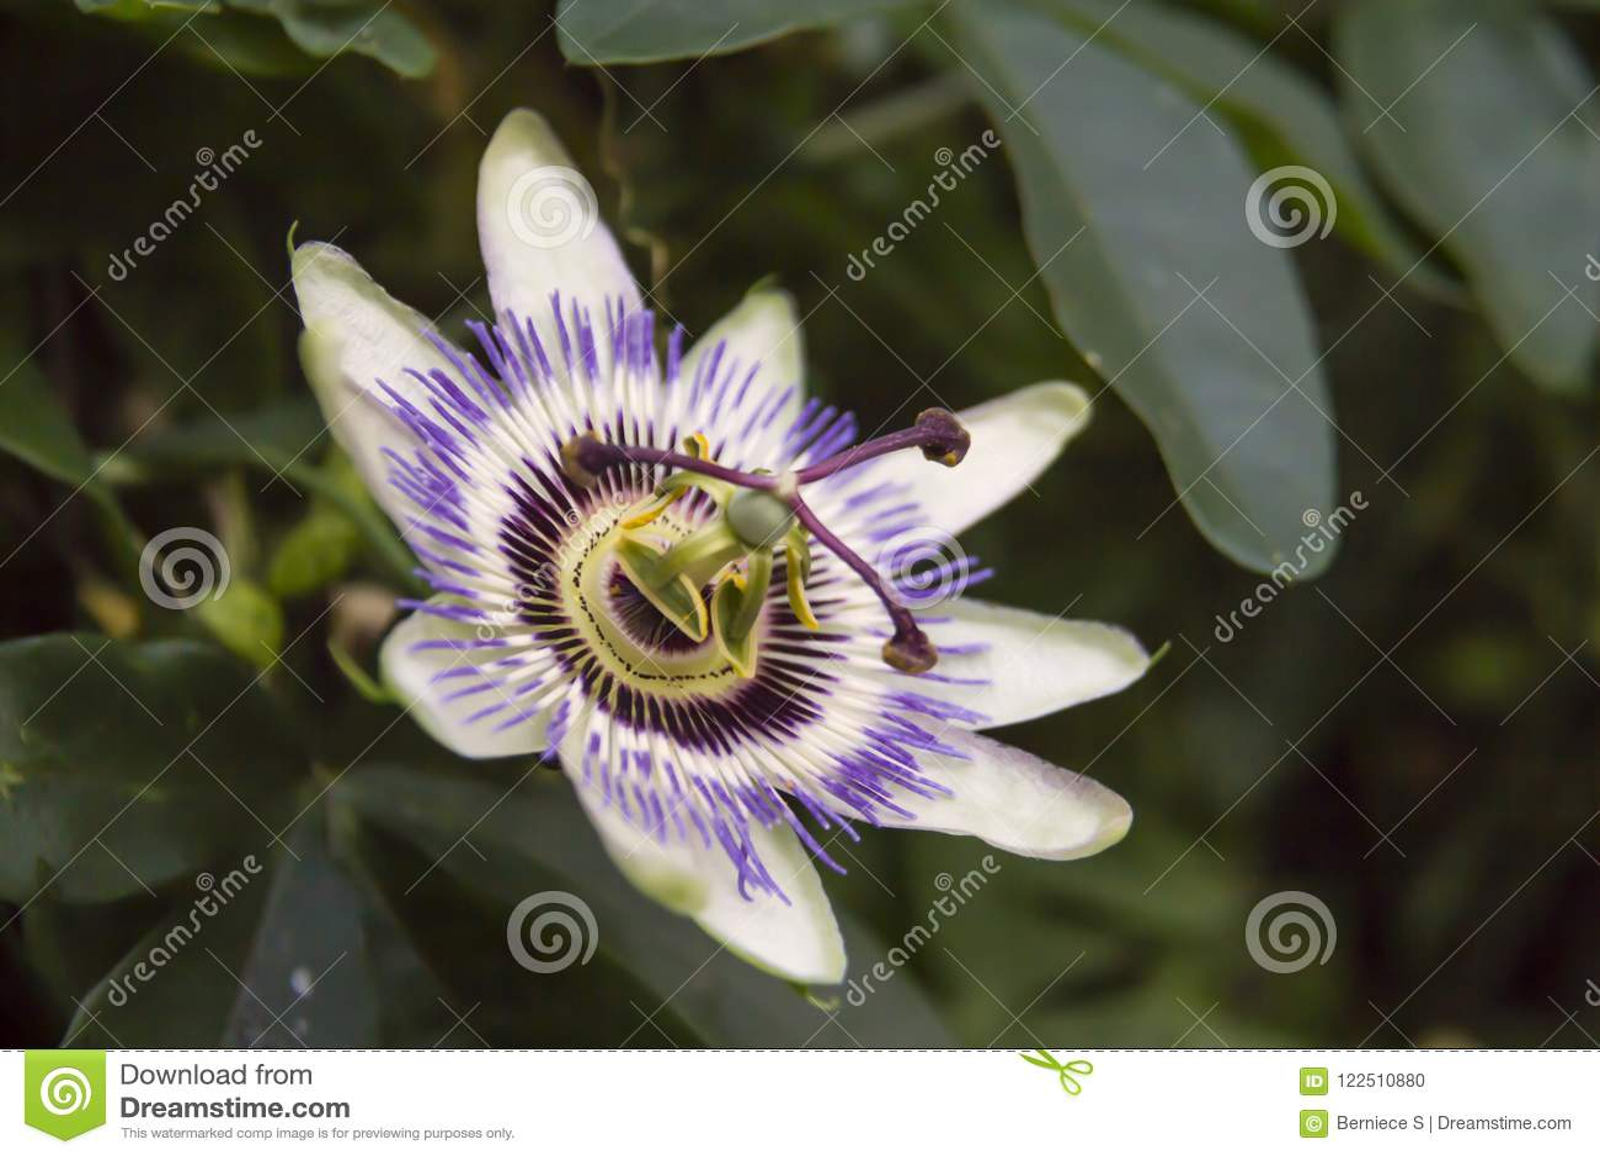 Incarnata пассифлоры, обыкновенно известное как maypop, фиолетовый passionflower, истинный passionflower, одичалый абрикос, и оди